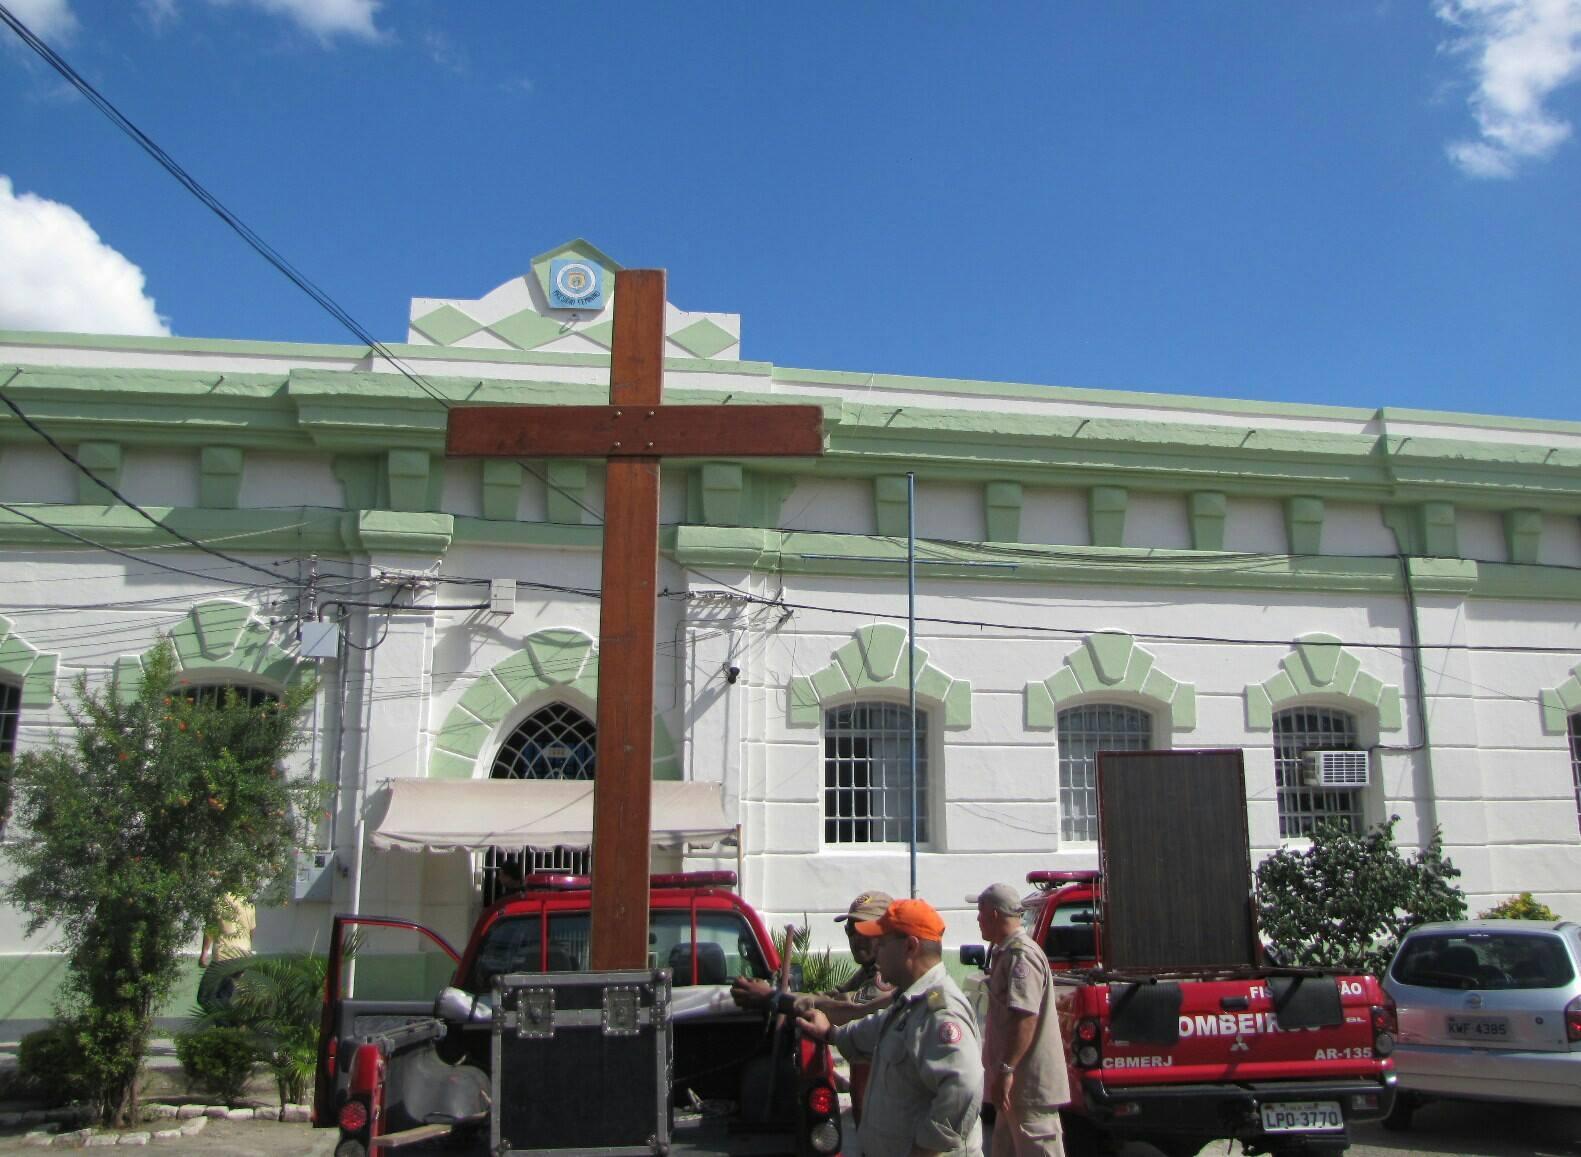 Presos de Campos dos Goytacazes (RJ) recebem visita dos símbolos da JMJ